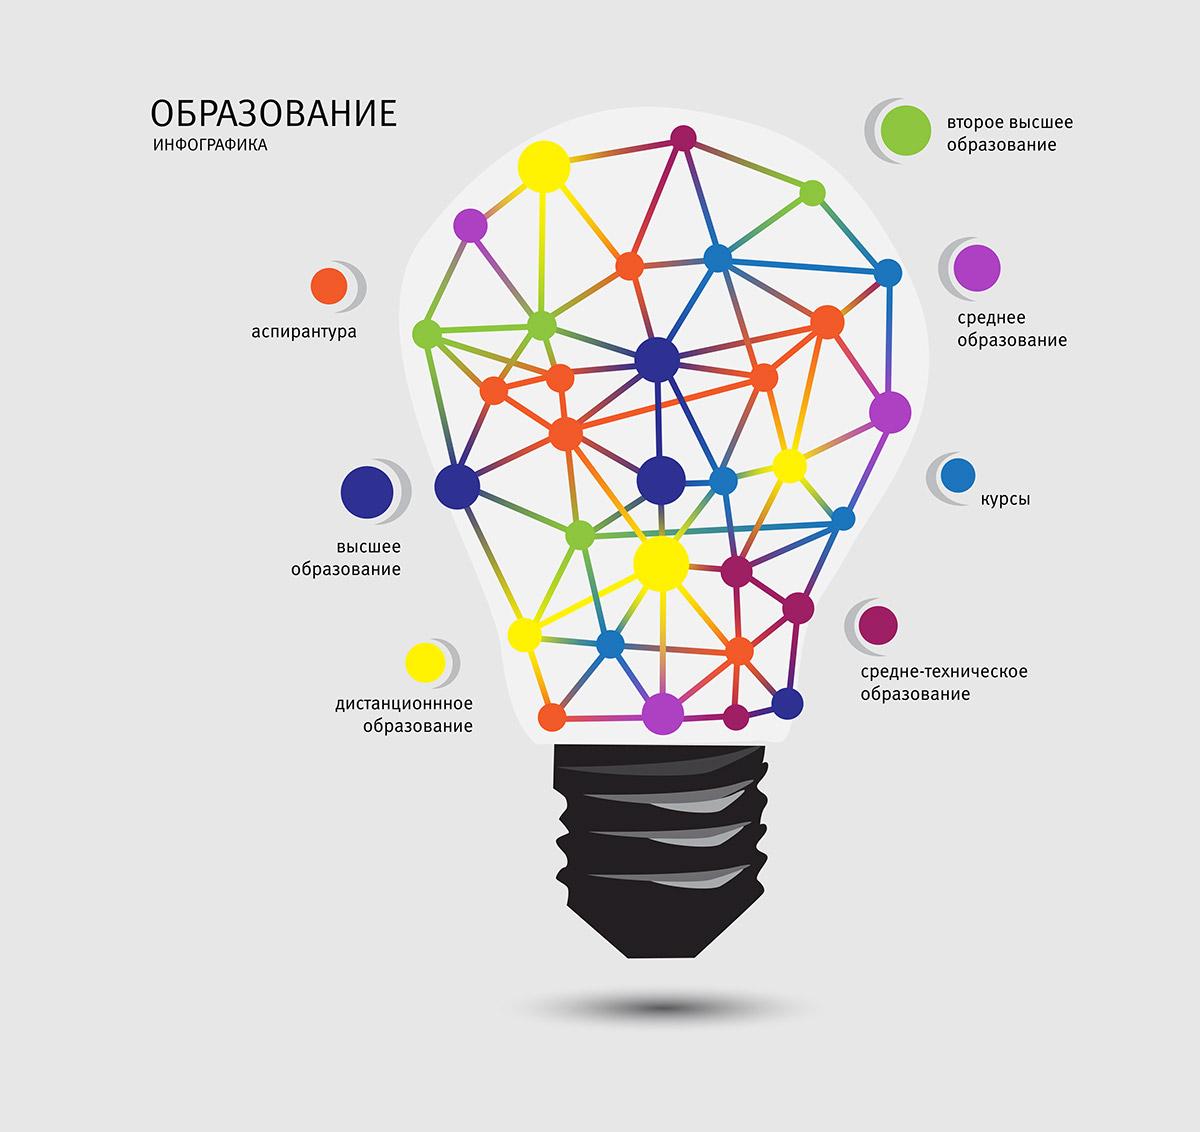 людей, инфографика картинки образование современном стиле